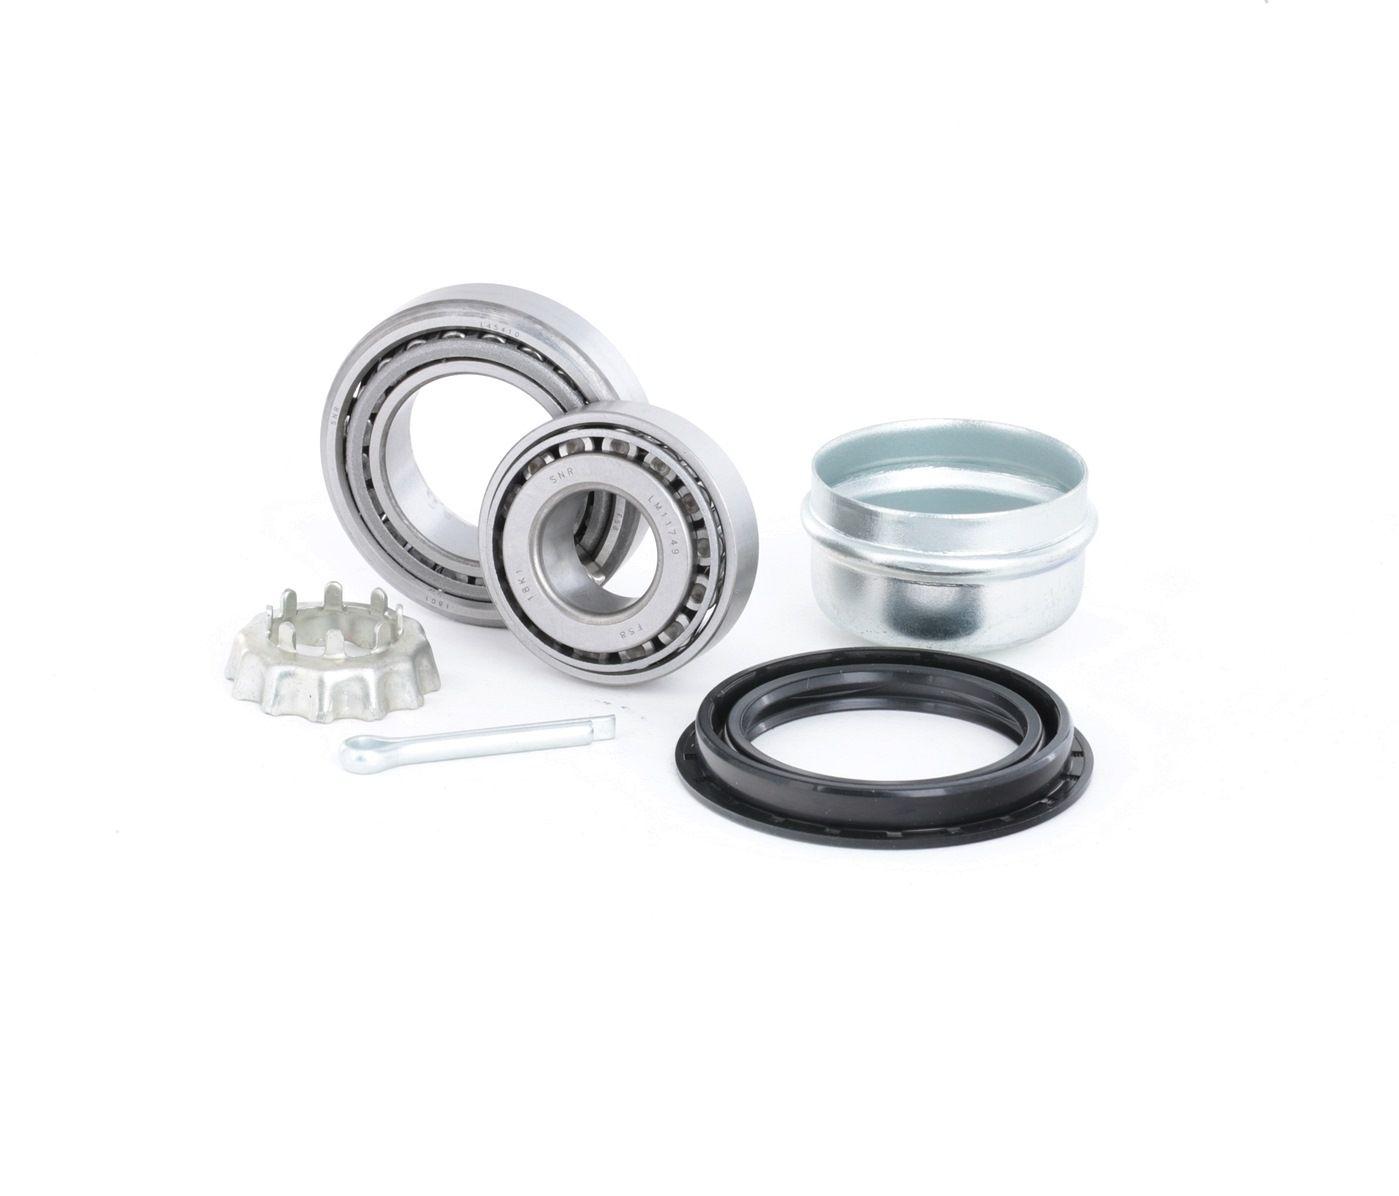 R154.13 SNR Radlagersatz R154.13 günstig kaufen